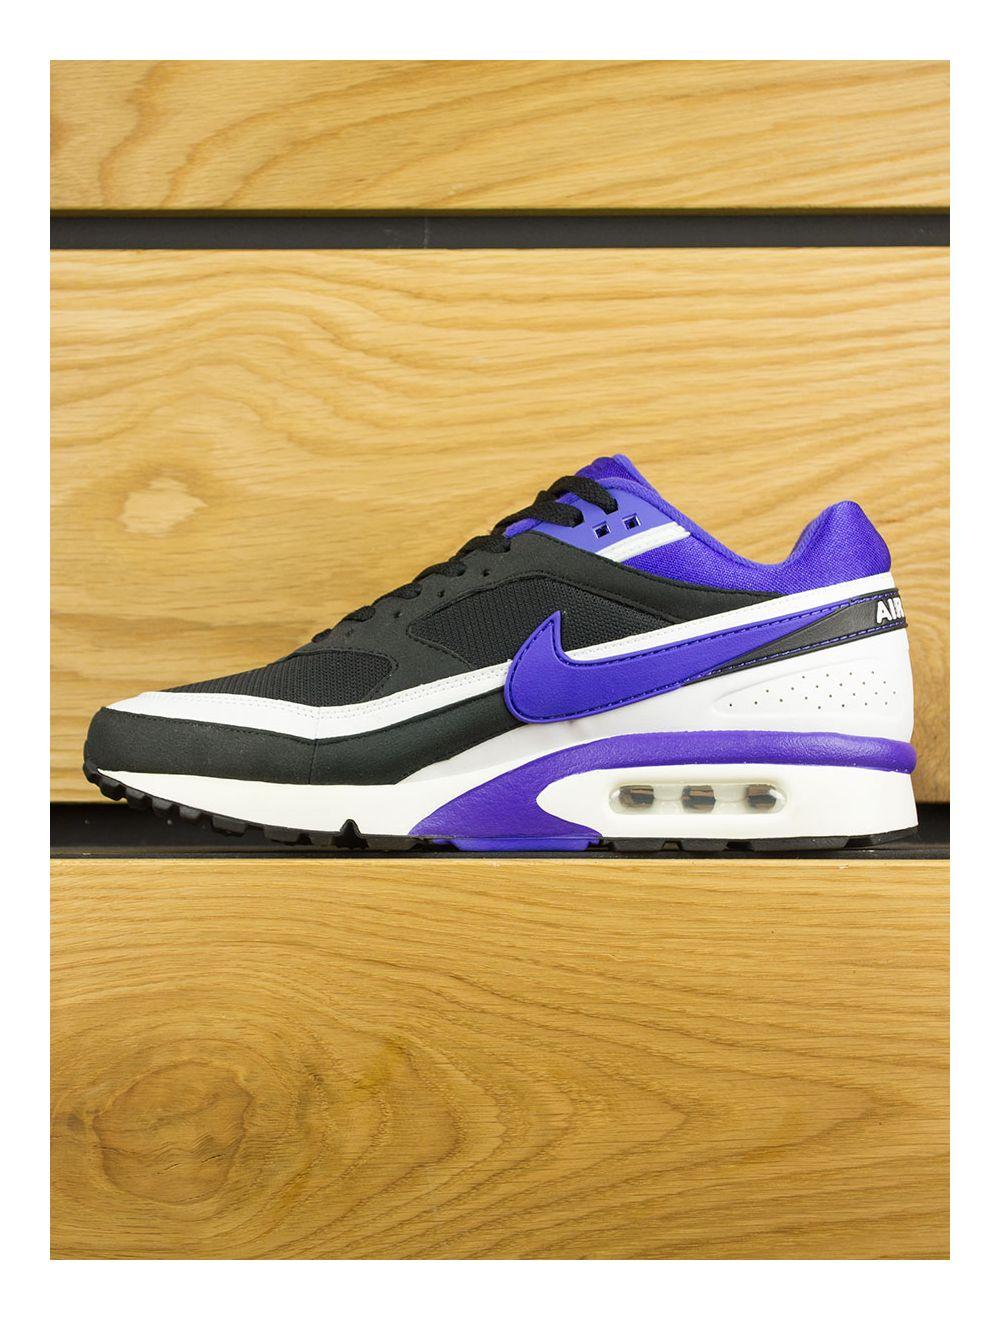 nouveau concept 239fc 1d812 Nike Air Max BW OG 'Persian Violet'